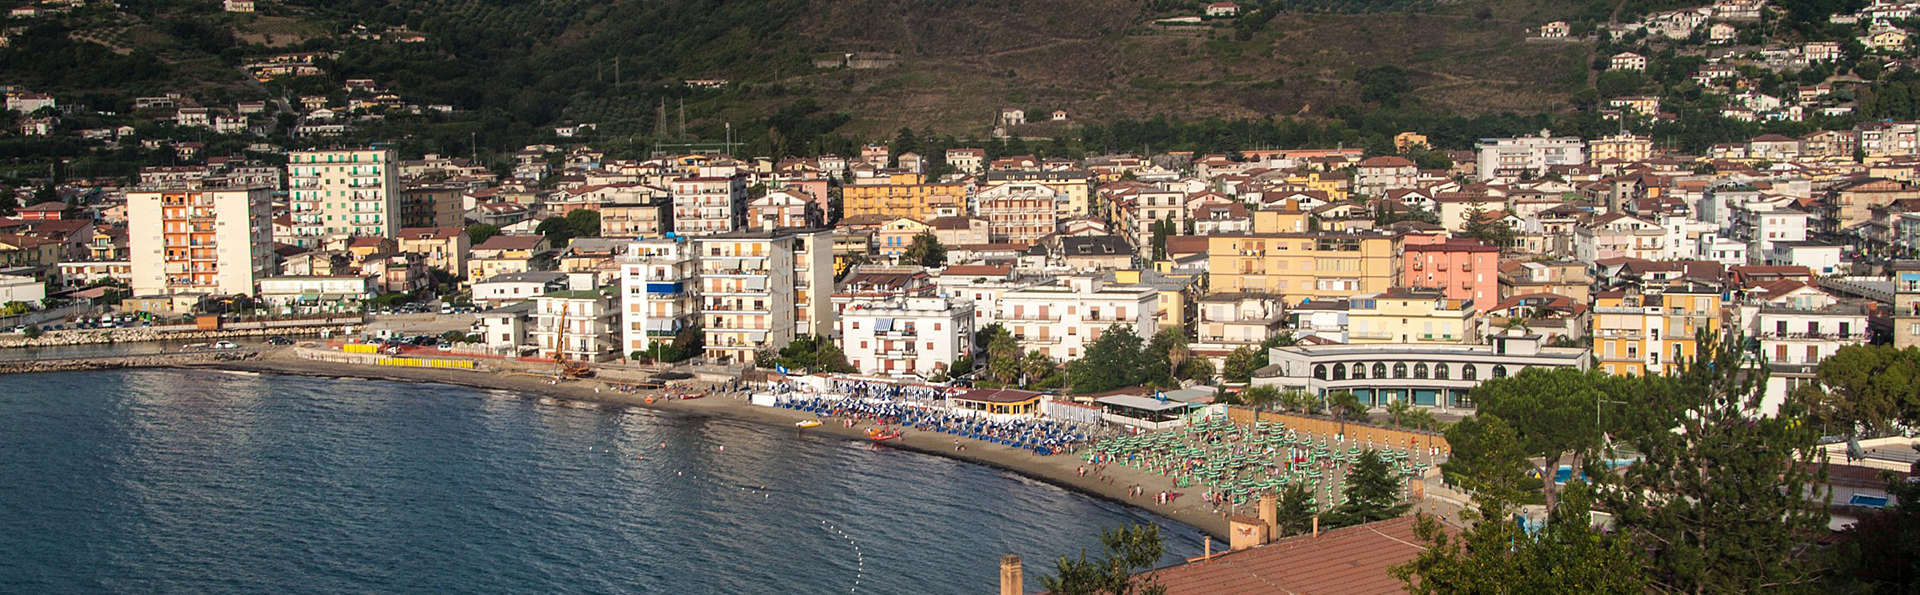 Hotel Ristorante Il Ceppo - Edit_Agropoli2.jpg